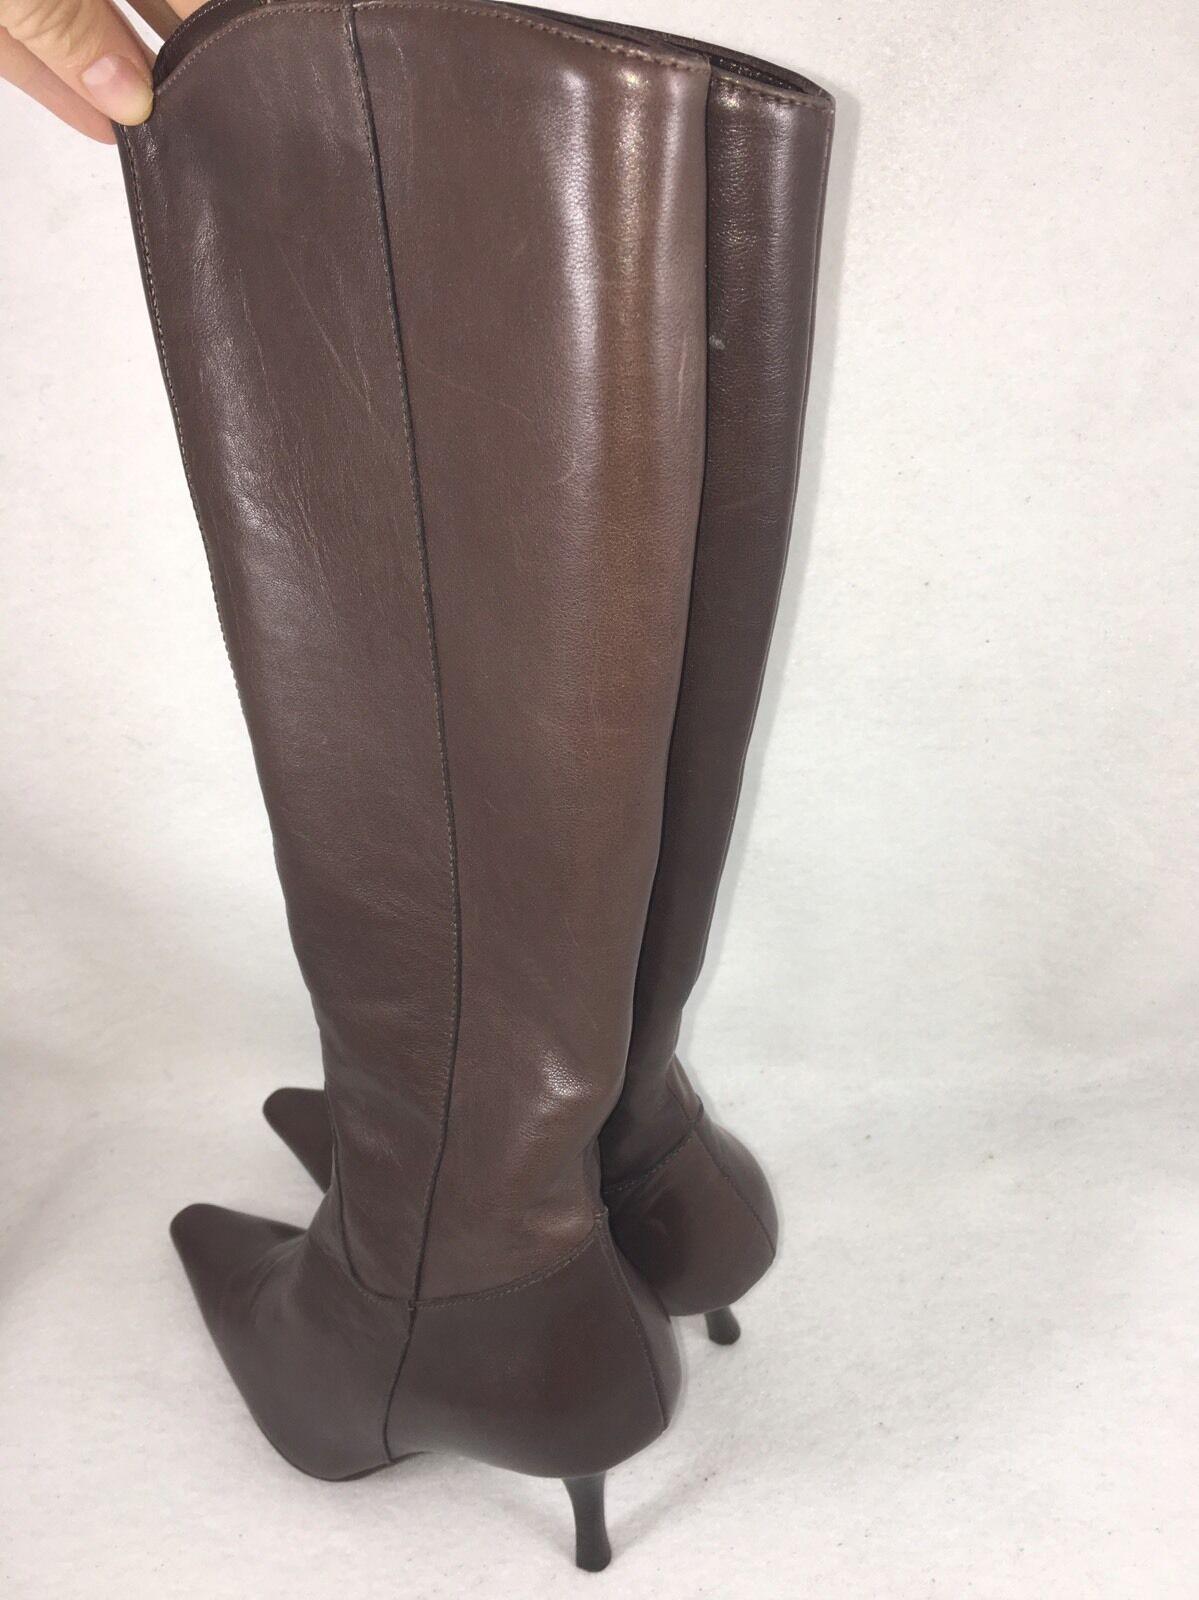 Versani 1458 Vitello Braun Italian Leder Mid Calf Boot sz 4.5 M 3